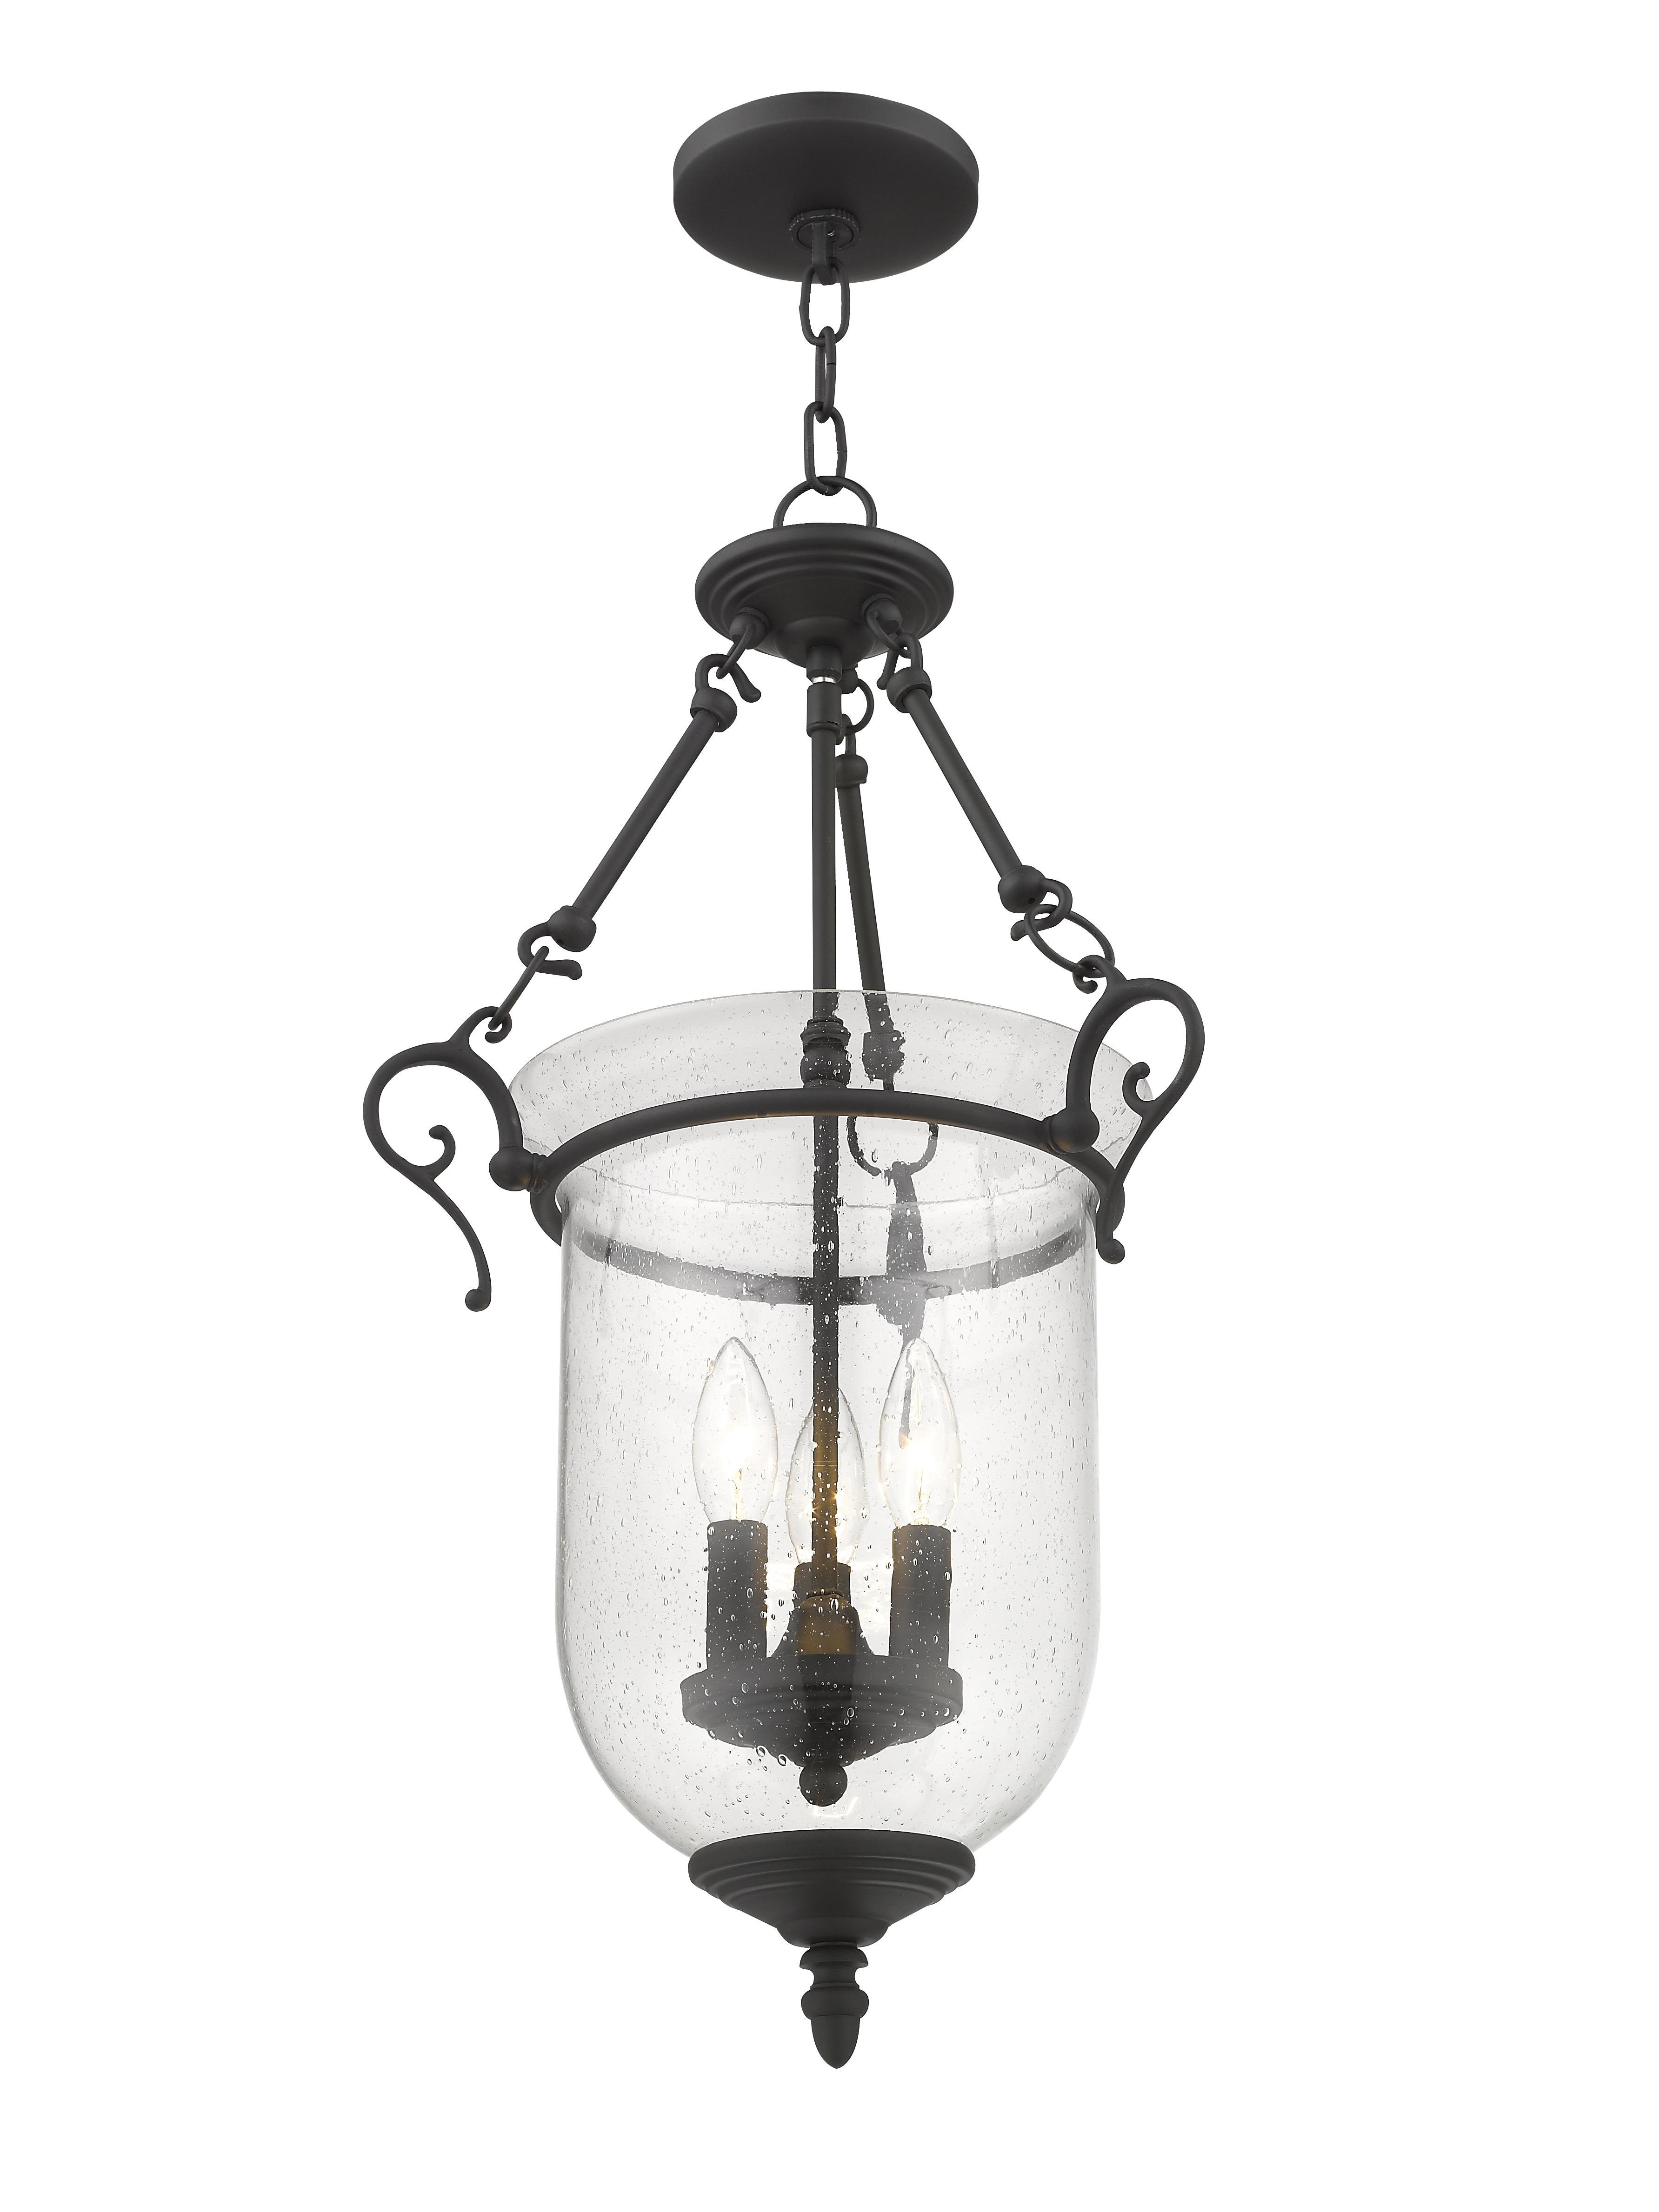 3 Light Single Urn Pendants Intended For 2019 Sackler 3 Light Single Urn Pendant (View 1 of 20)